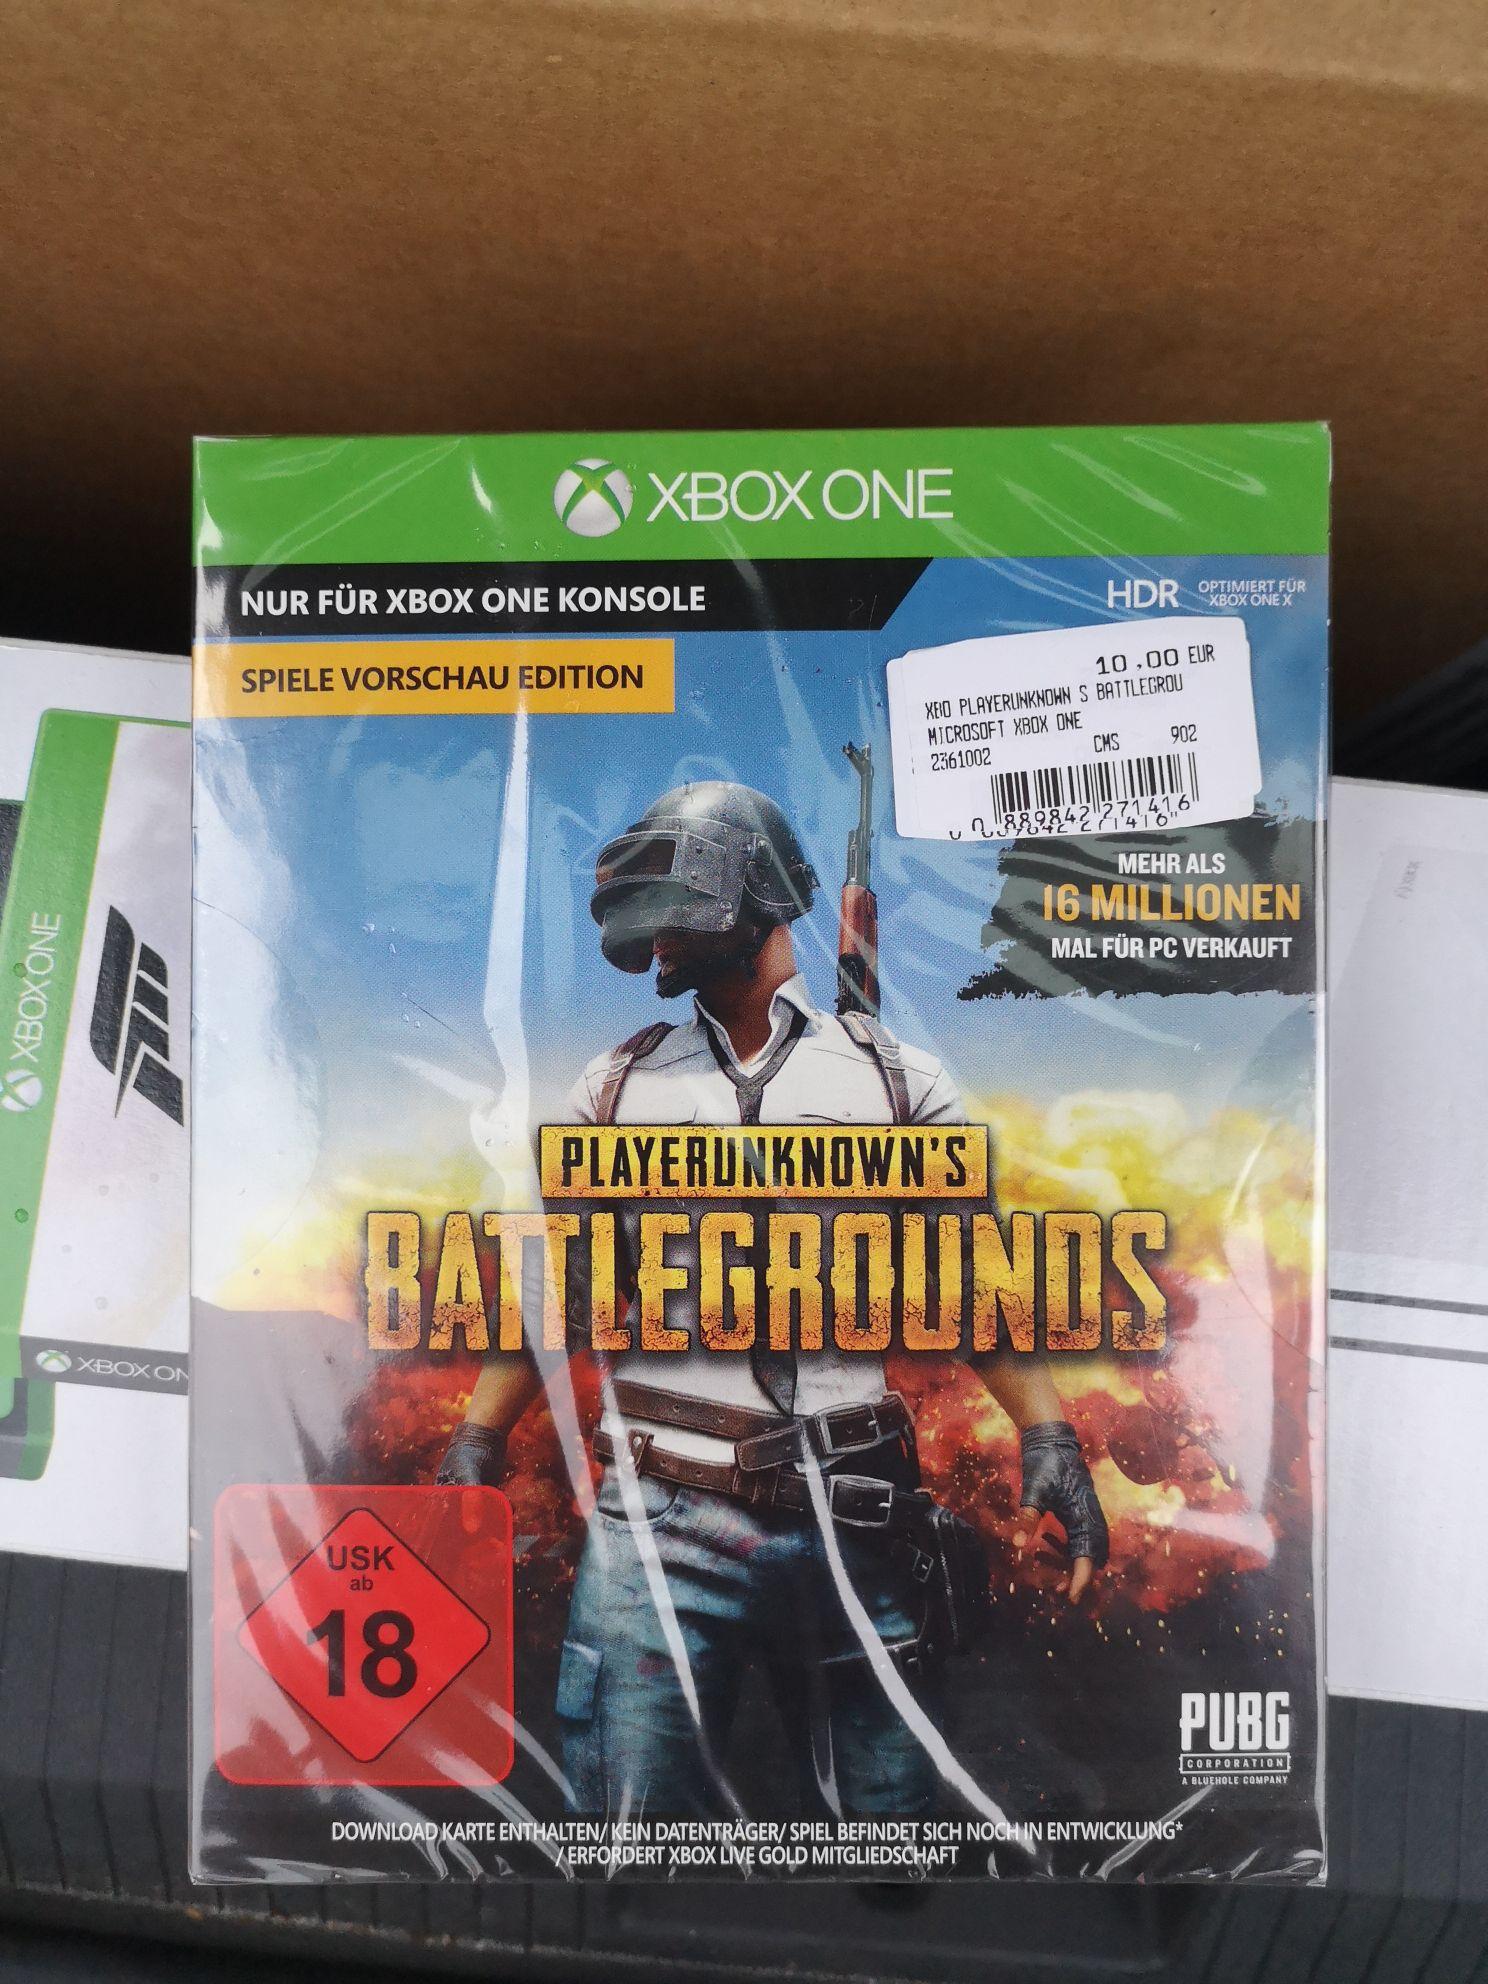 [XBOX][Lokal] Playerunknown's Battlegrounds - MediaMarkt Wiesbaden